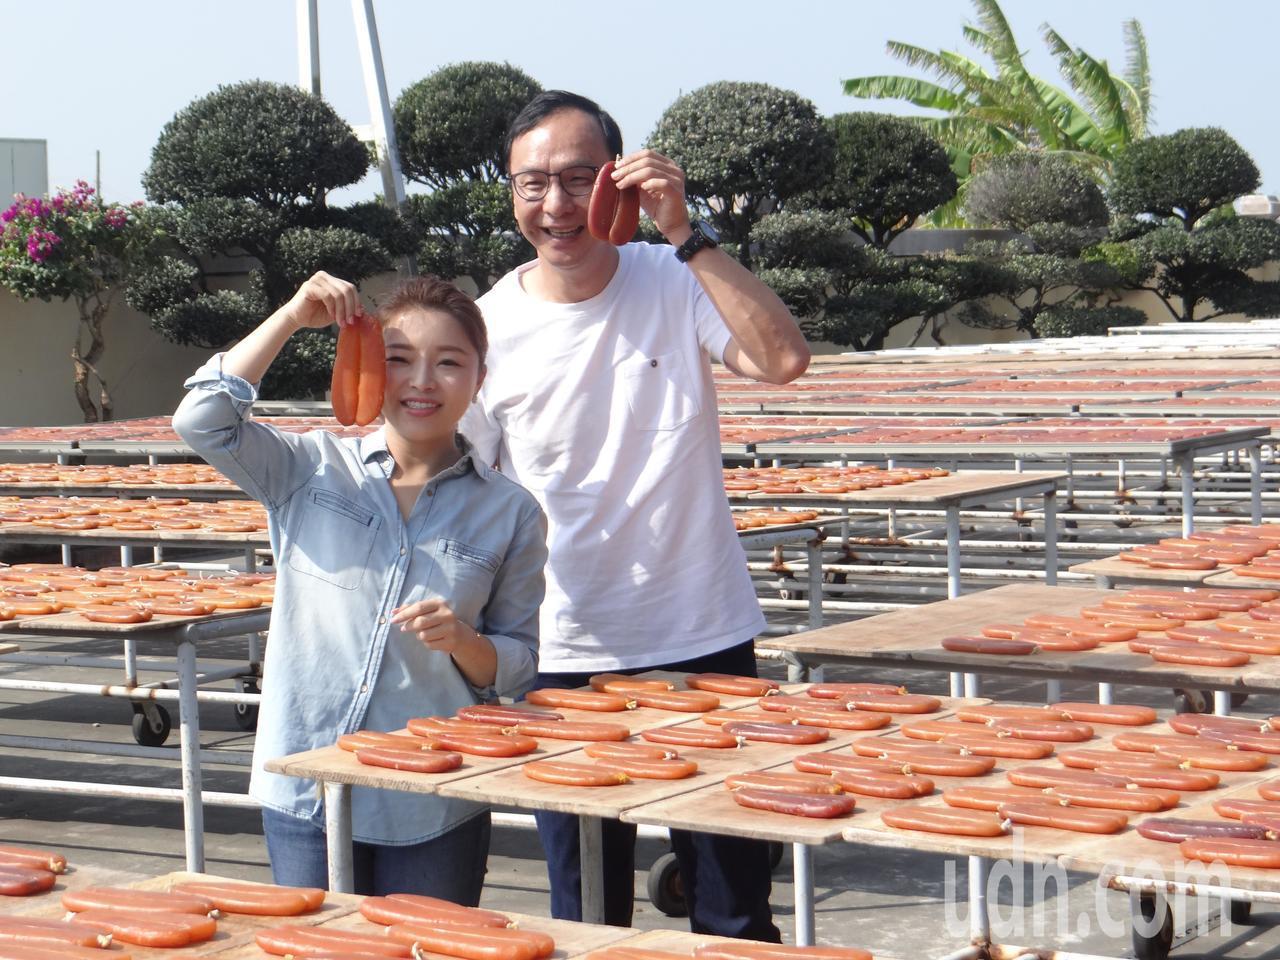 朱立倫今天到雲林為張嘉郡拍攝產業競選MV,促銷雲林烏魚子。記者蔡維斌/攝影